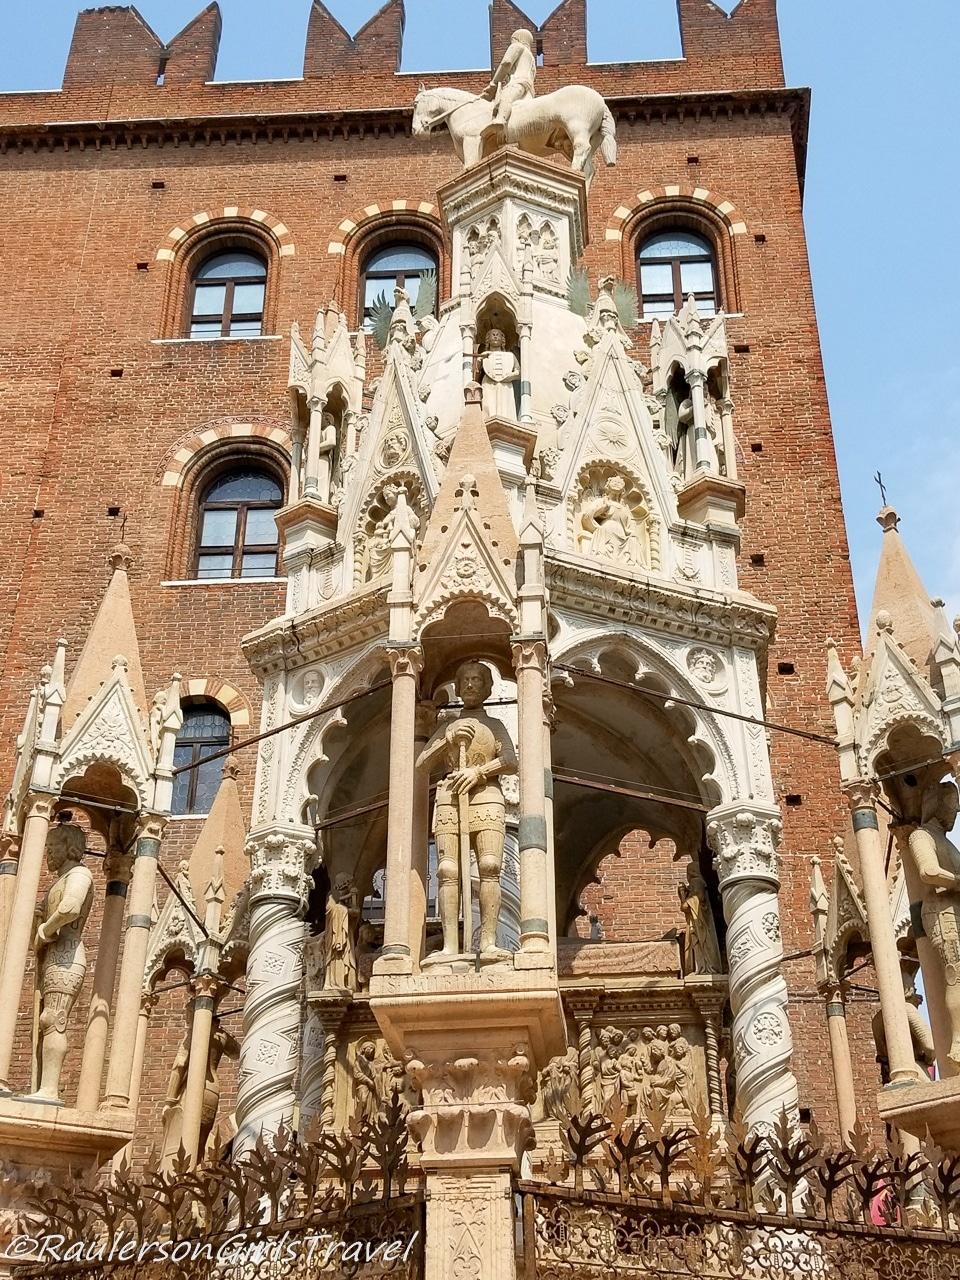 tomb of Cansignorio Mastino II in Verona